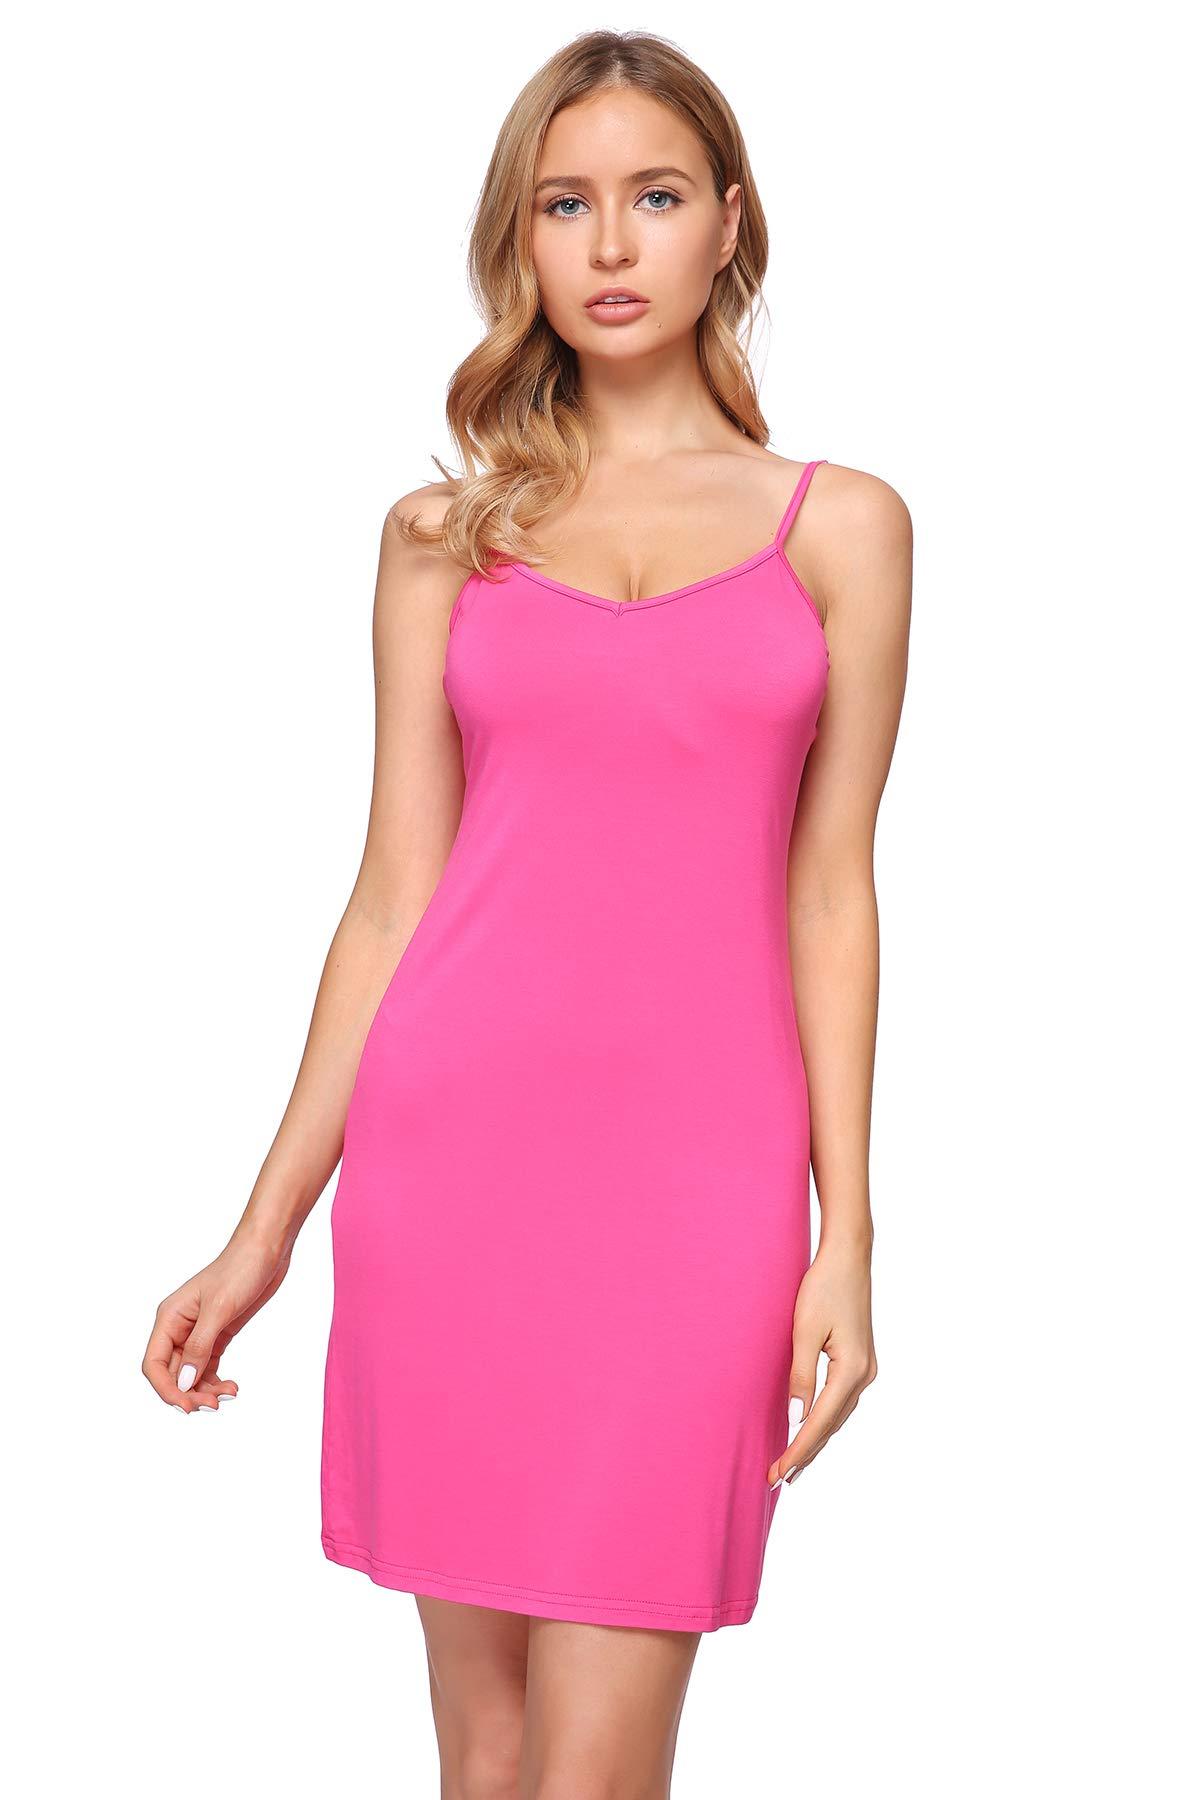 XUEERMEI Women's V Neck Sleeveless Spaghetti Straps Bodycon Cami Slip Dress